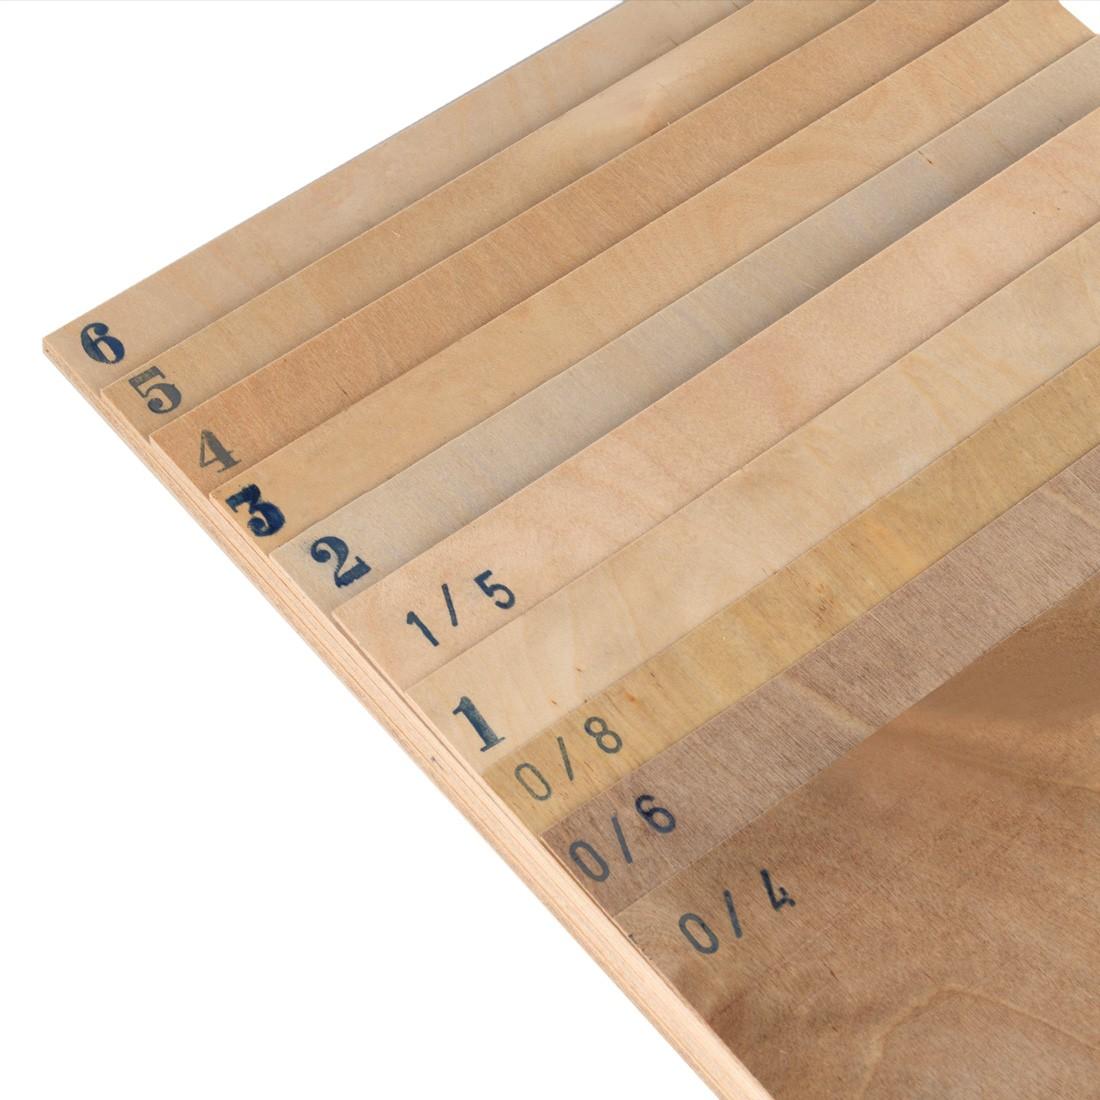 Avio Birch plywood mm.3 cm.61x30